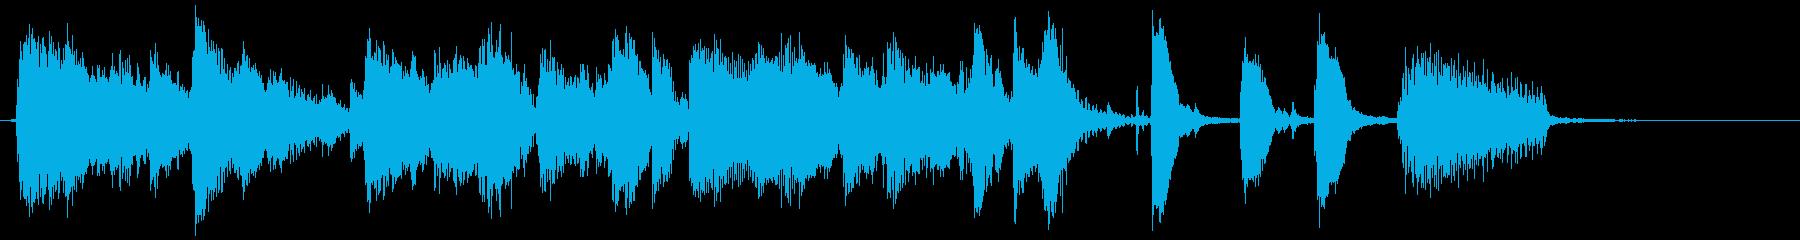 ノリが良くおしゃれなジャズのEDジングルの再生済みの波形